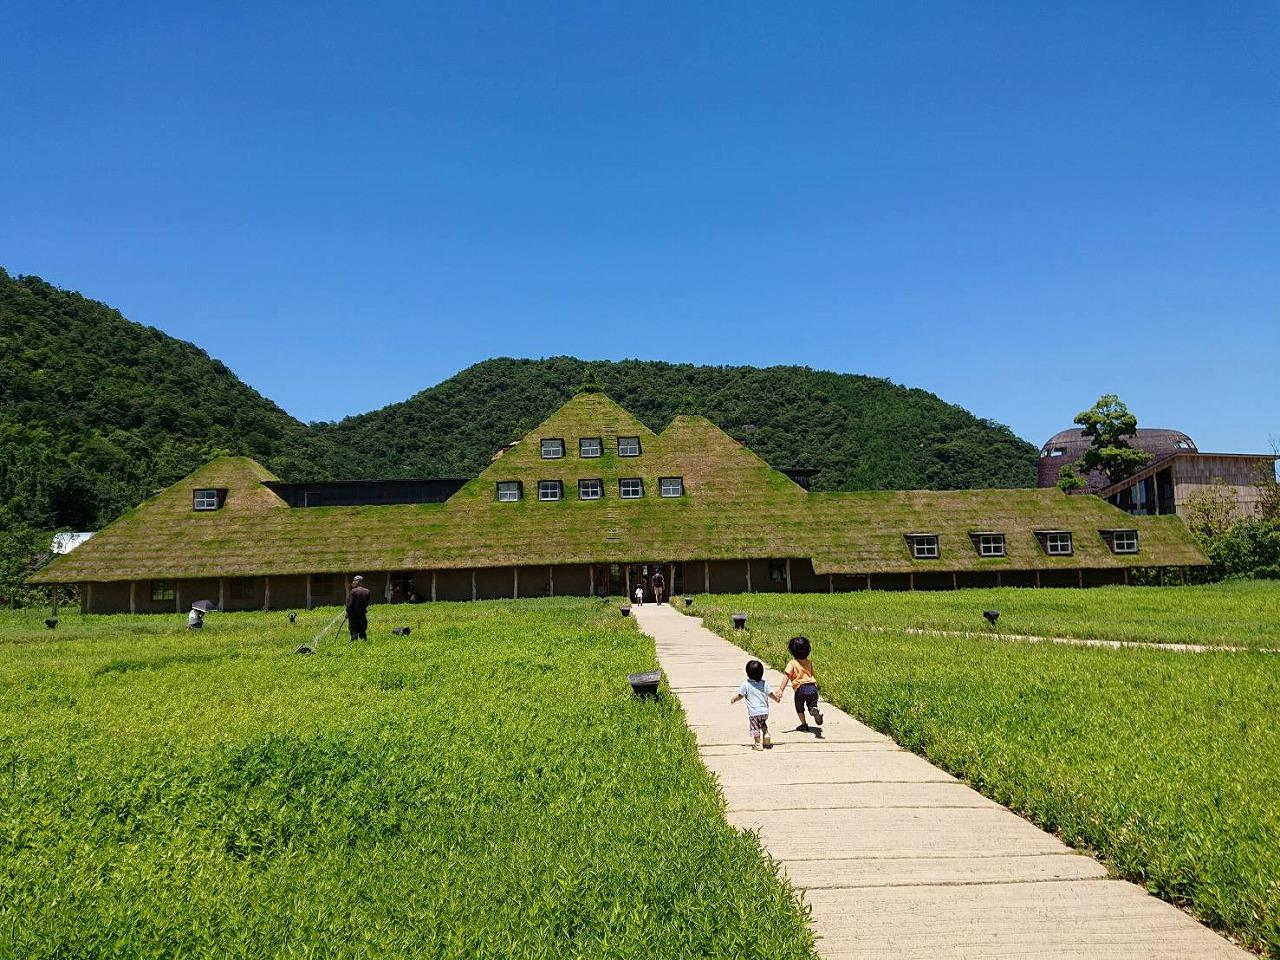 滋賀観光スポット巡り1泊2日旅行!@子どもが喜んだのはラコリーナ、雄琴温泉、近江神宮